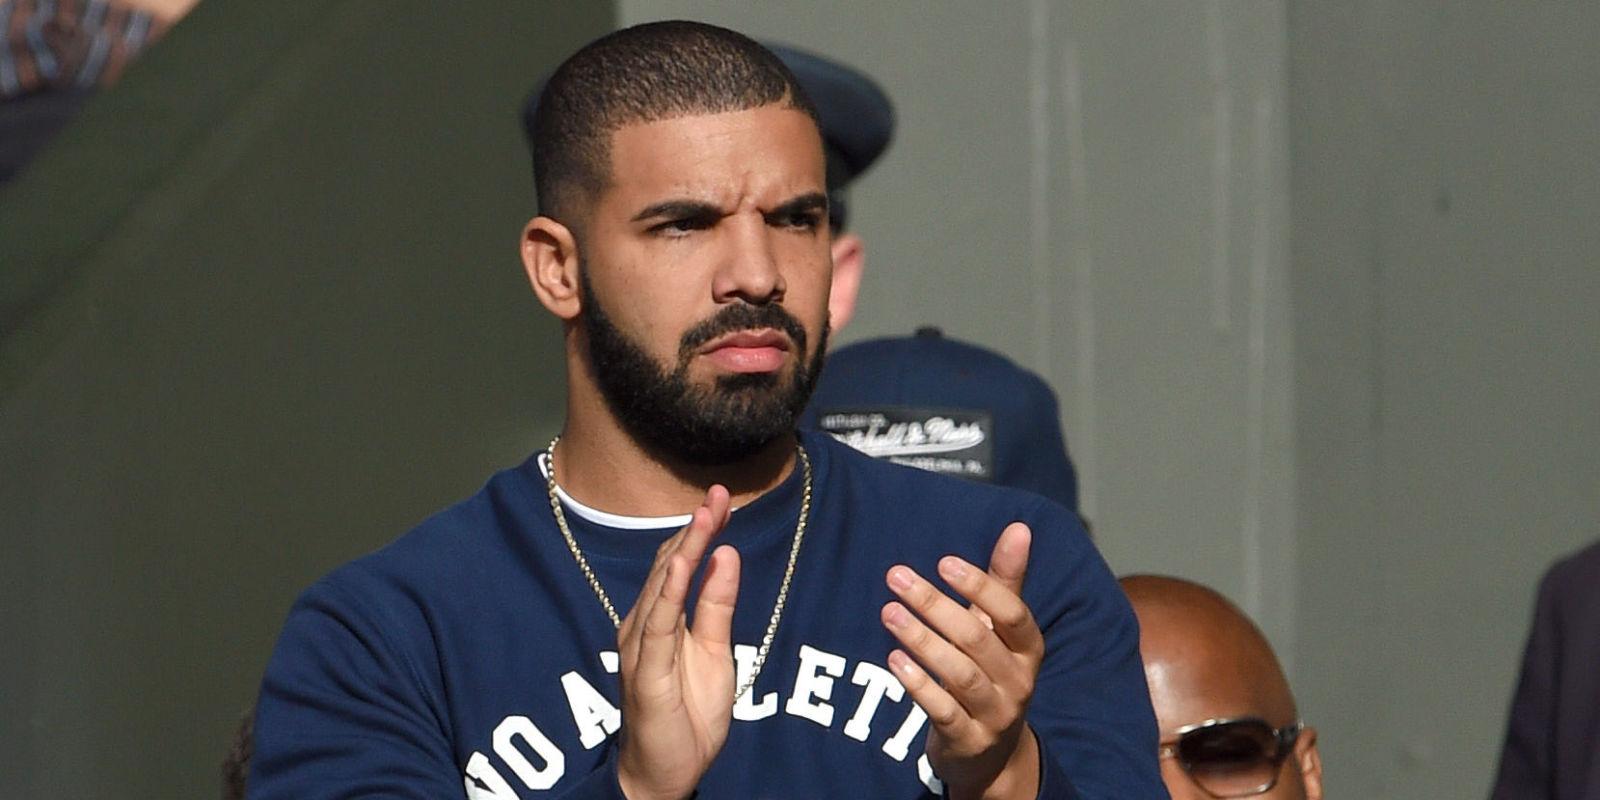 Drake clapping